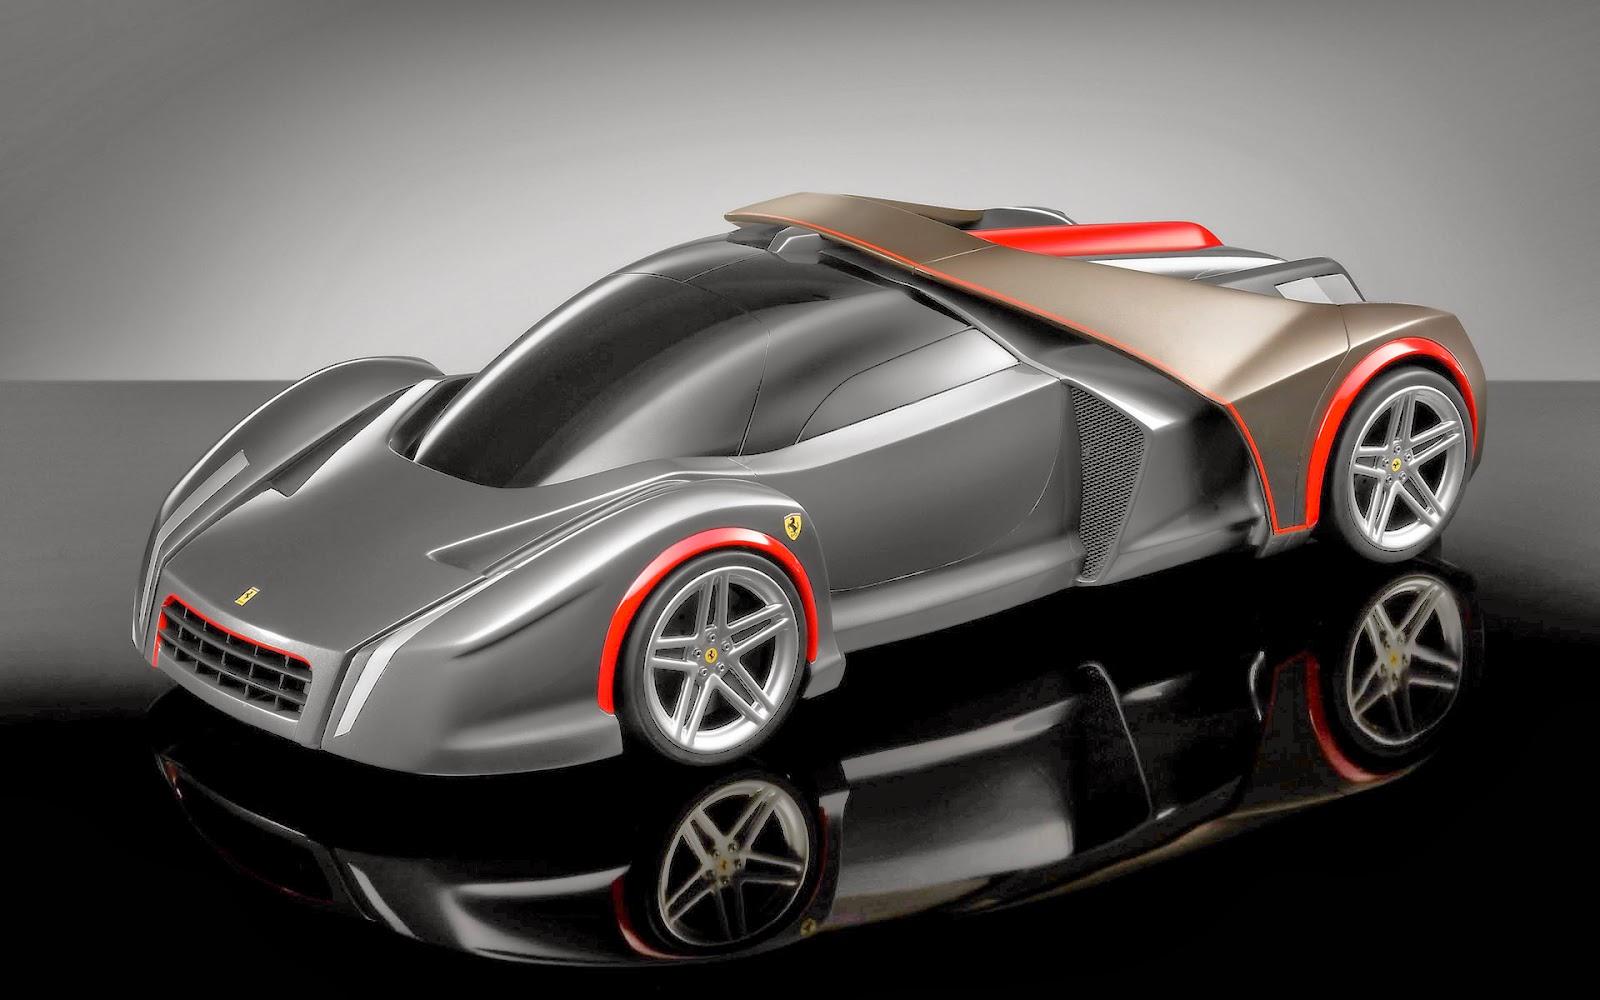 10+ Free Download Wallpaper Of Ferrari Cars  Images